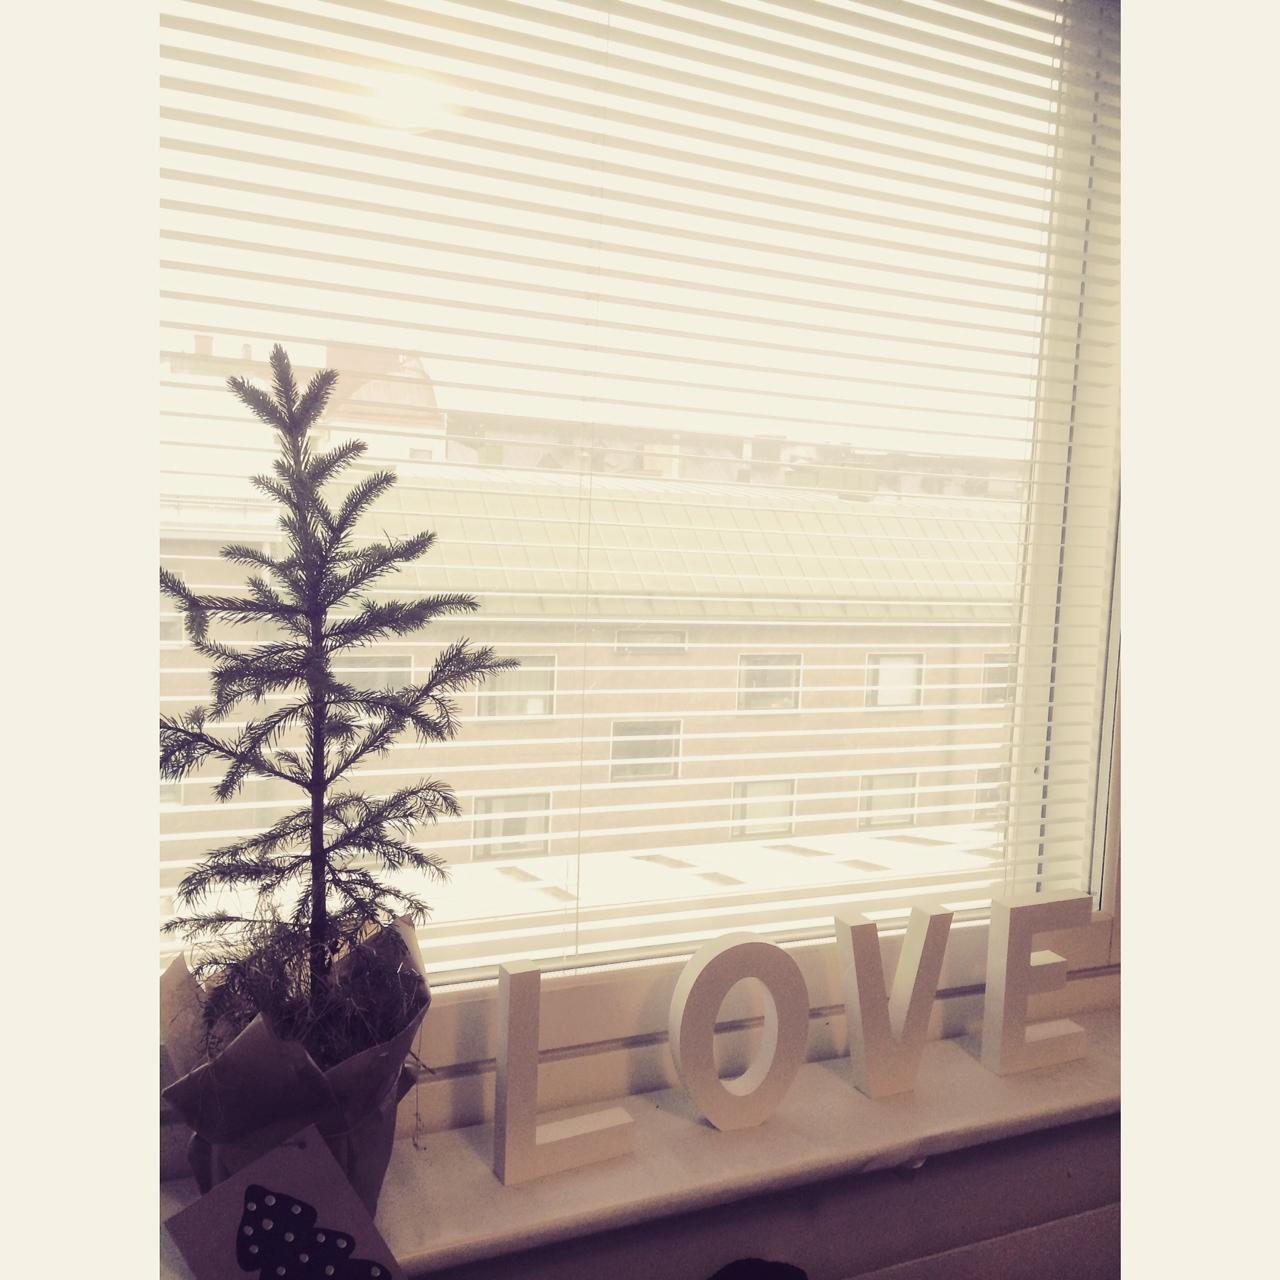 Aamulla satoi lunta ja päivän sain viettää rakkaiden ystävien kanssa. #love